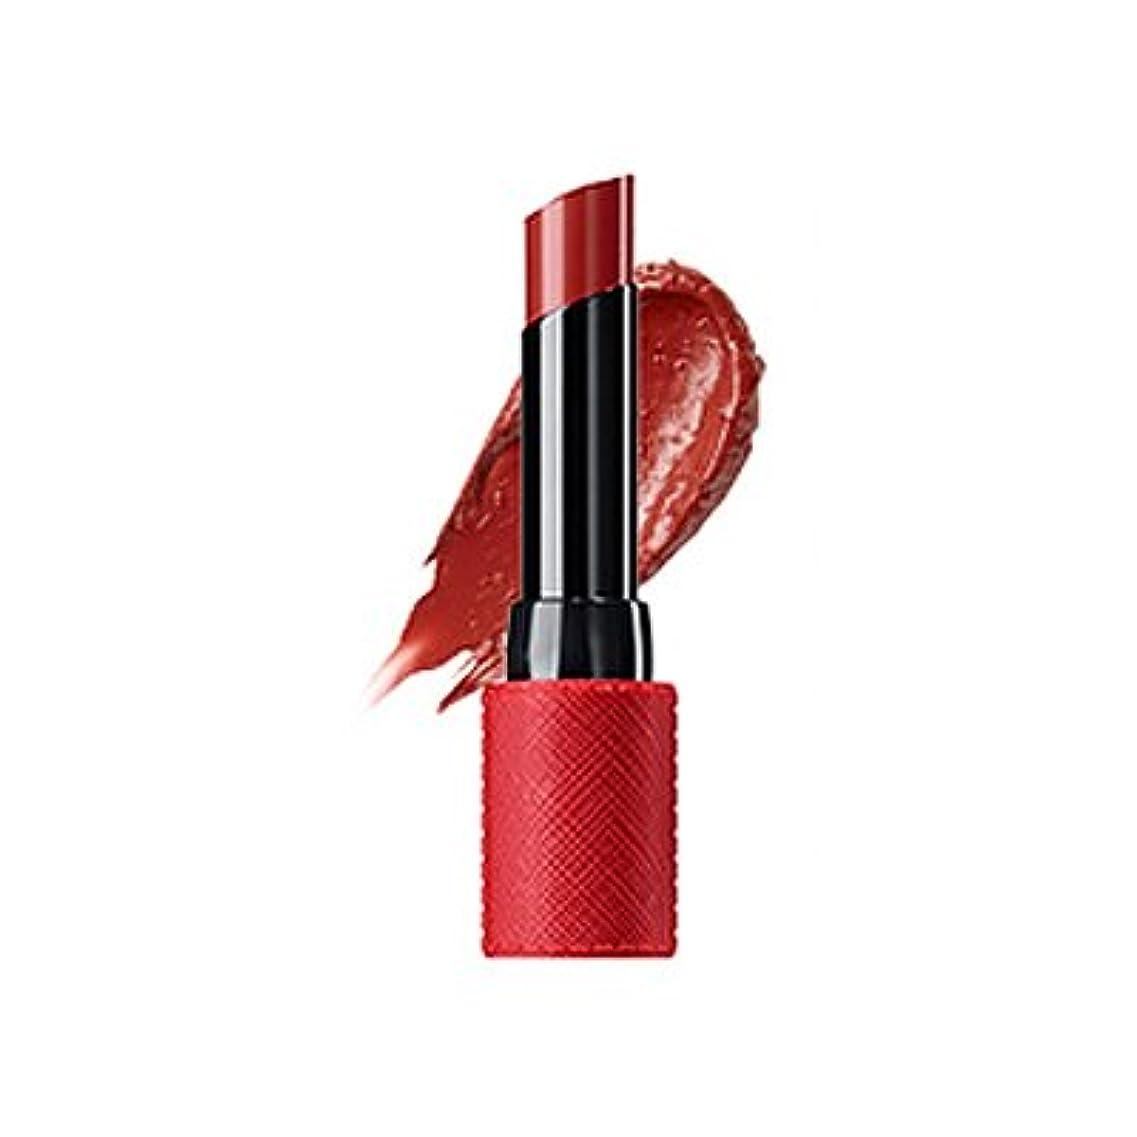 朝ごはんコーナー誇大妄想【The Saem】ザセム キスホリック リップスティック S レッドブリック/Kissholic Lipstick S Red Brick / RD06